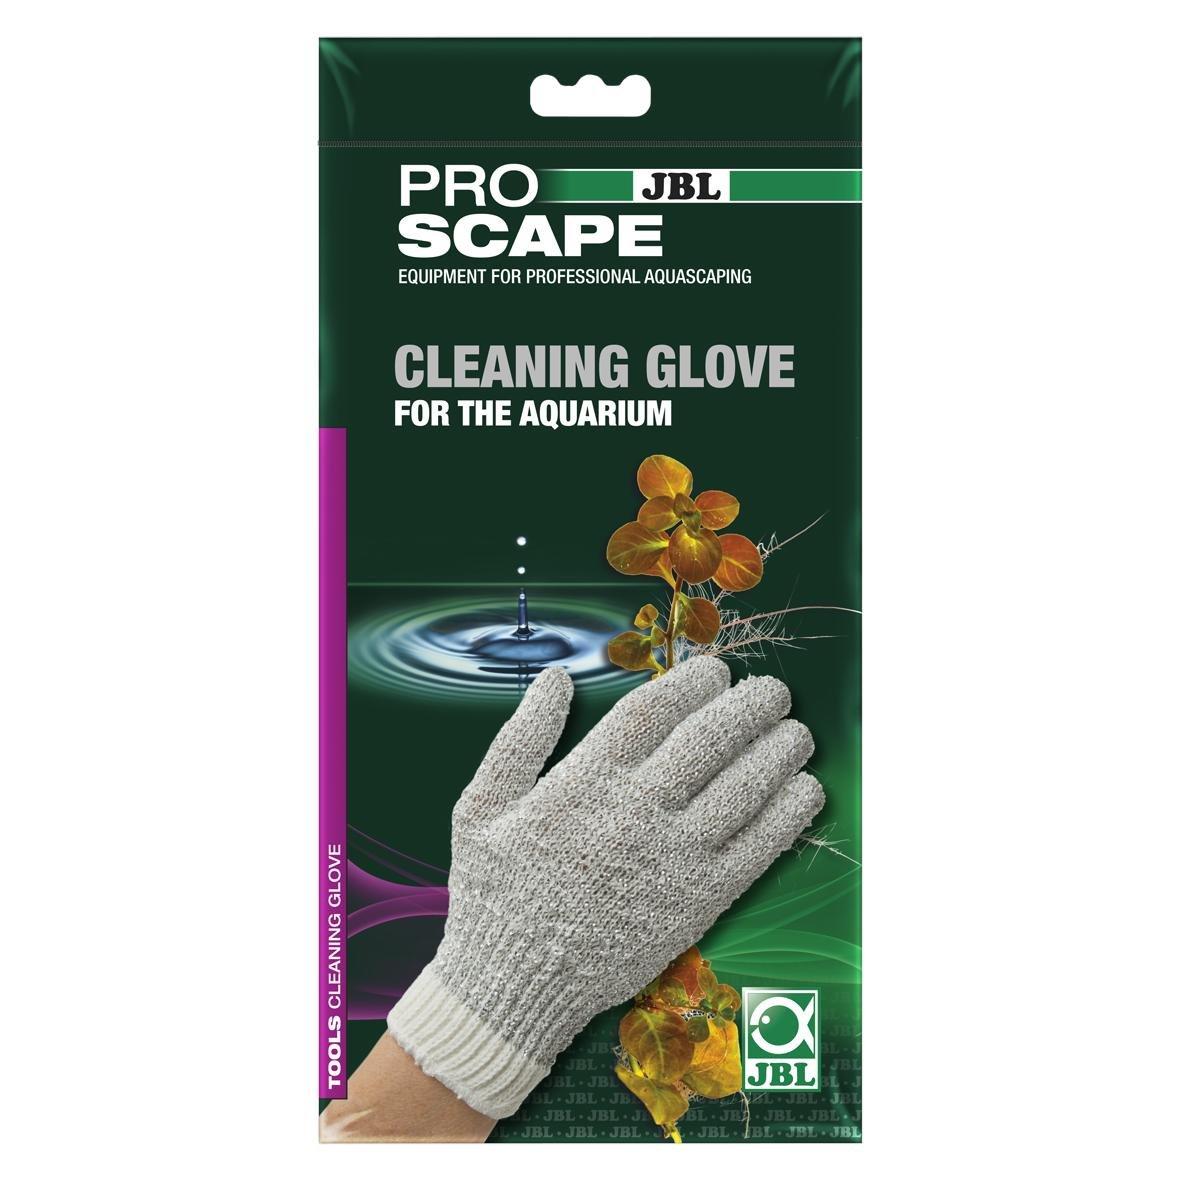 JBL Proscape Cleaning Glove (Gant nettoyage), Gant de nettoyage pour aquarium 61380